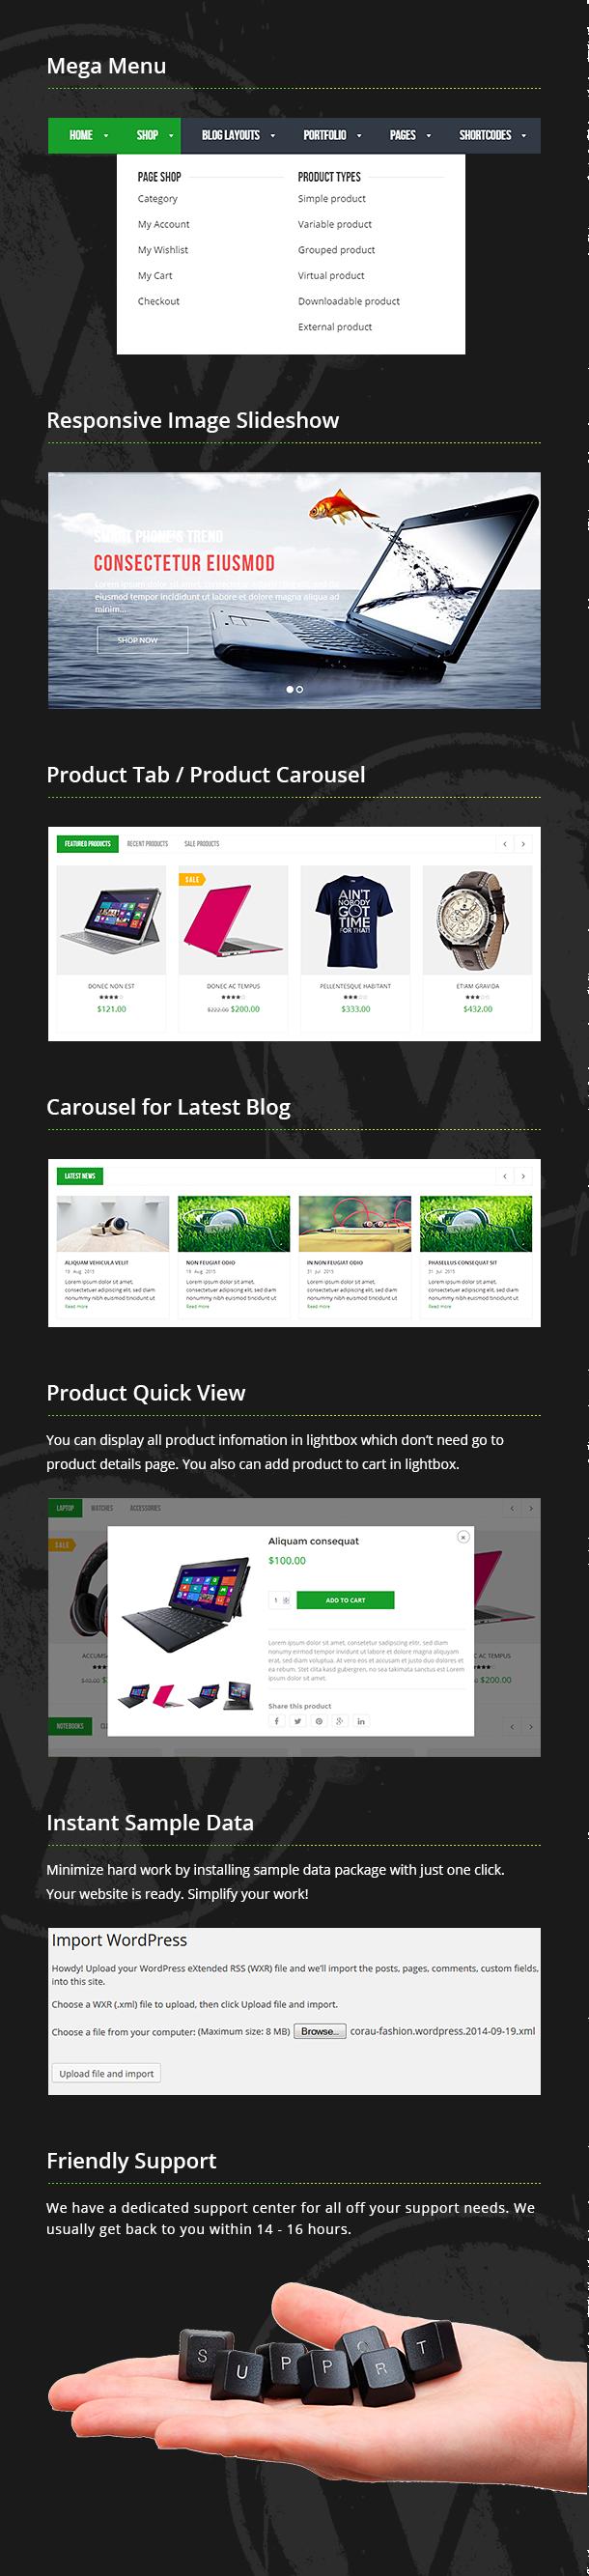 VG Bonnie - Kreative WooCommerce WordPress Template